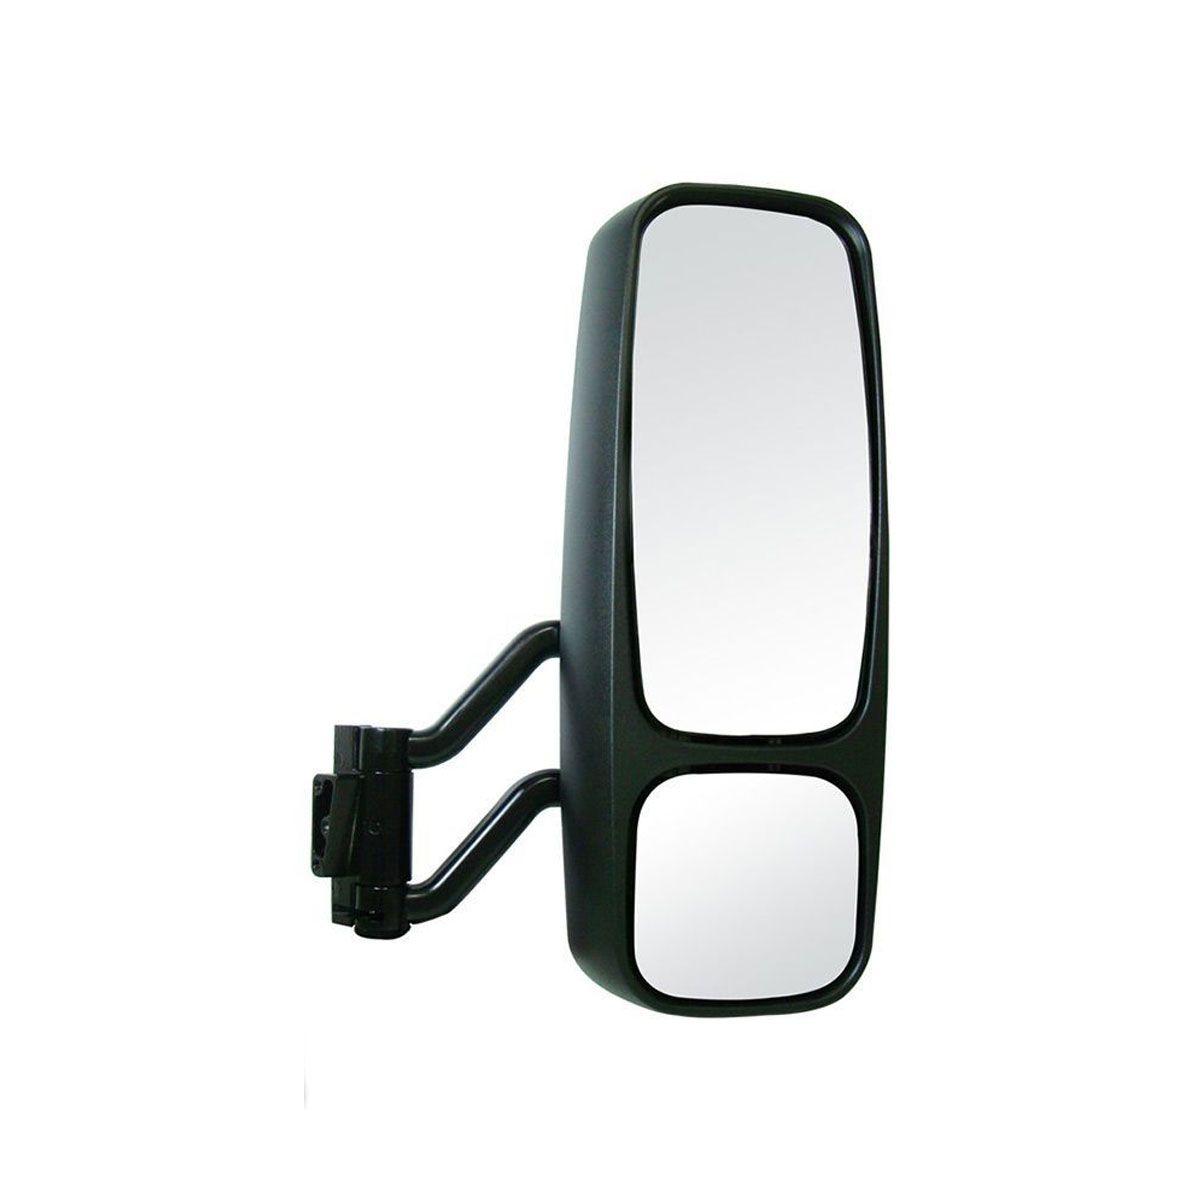 Espelho Completo Volvo FH / NH até 2009 Lado Direito com Desembaçador 593716241